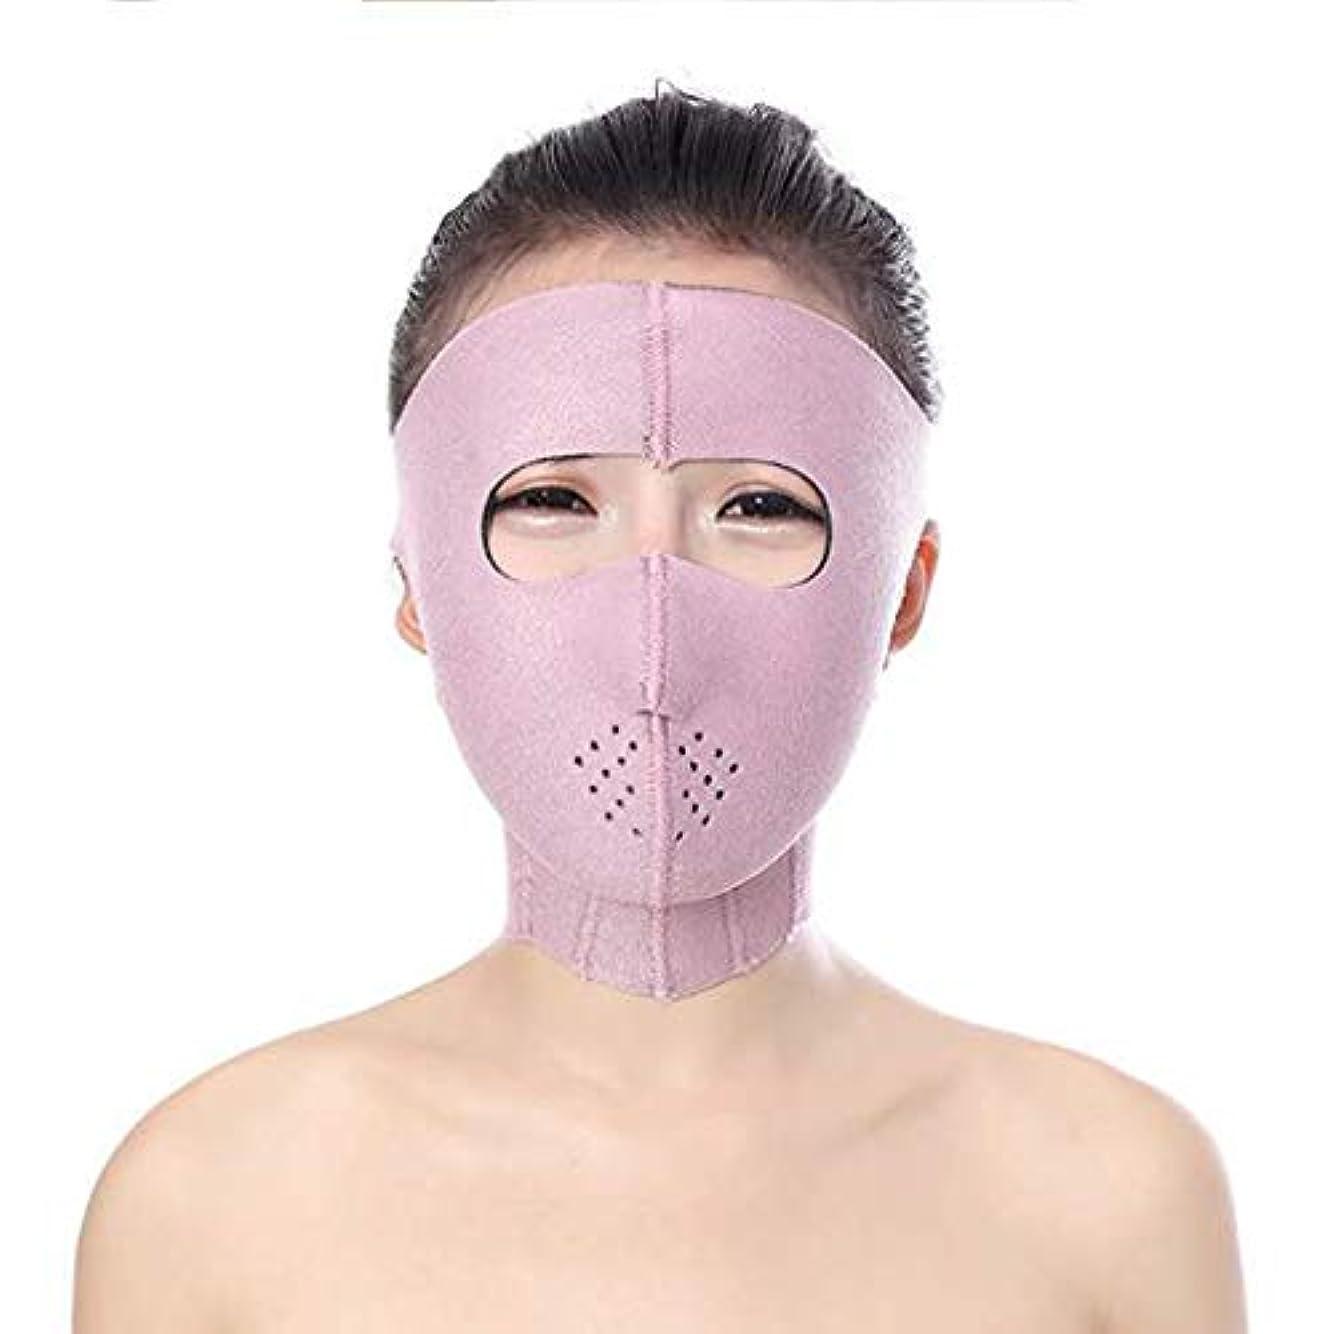 エアコン協力する急流Jia He 軽量 薄い顔ベルト、Vフェイススリミング頬マスク超薄型アンチエイジングリンクルフェイシャルマスクスリムアップベルトは二重あごストラップを削減 ## (Color : Pink)